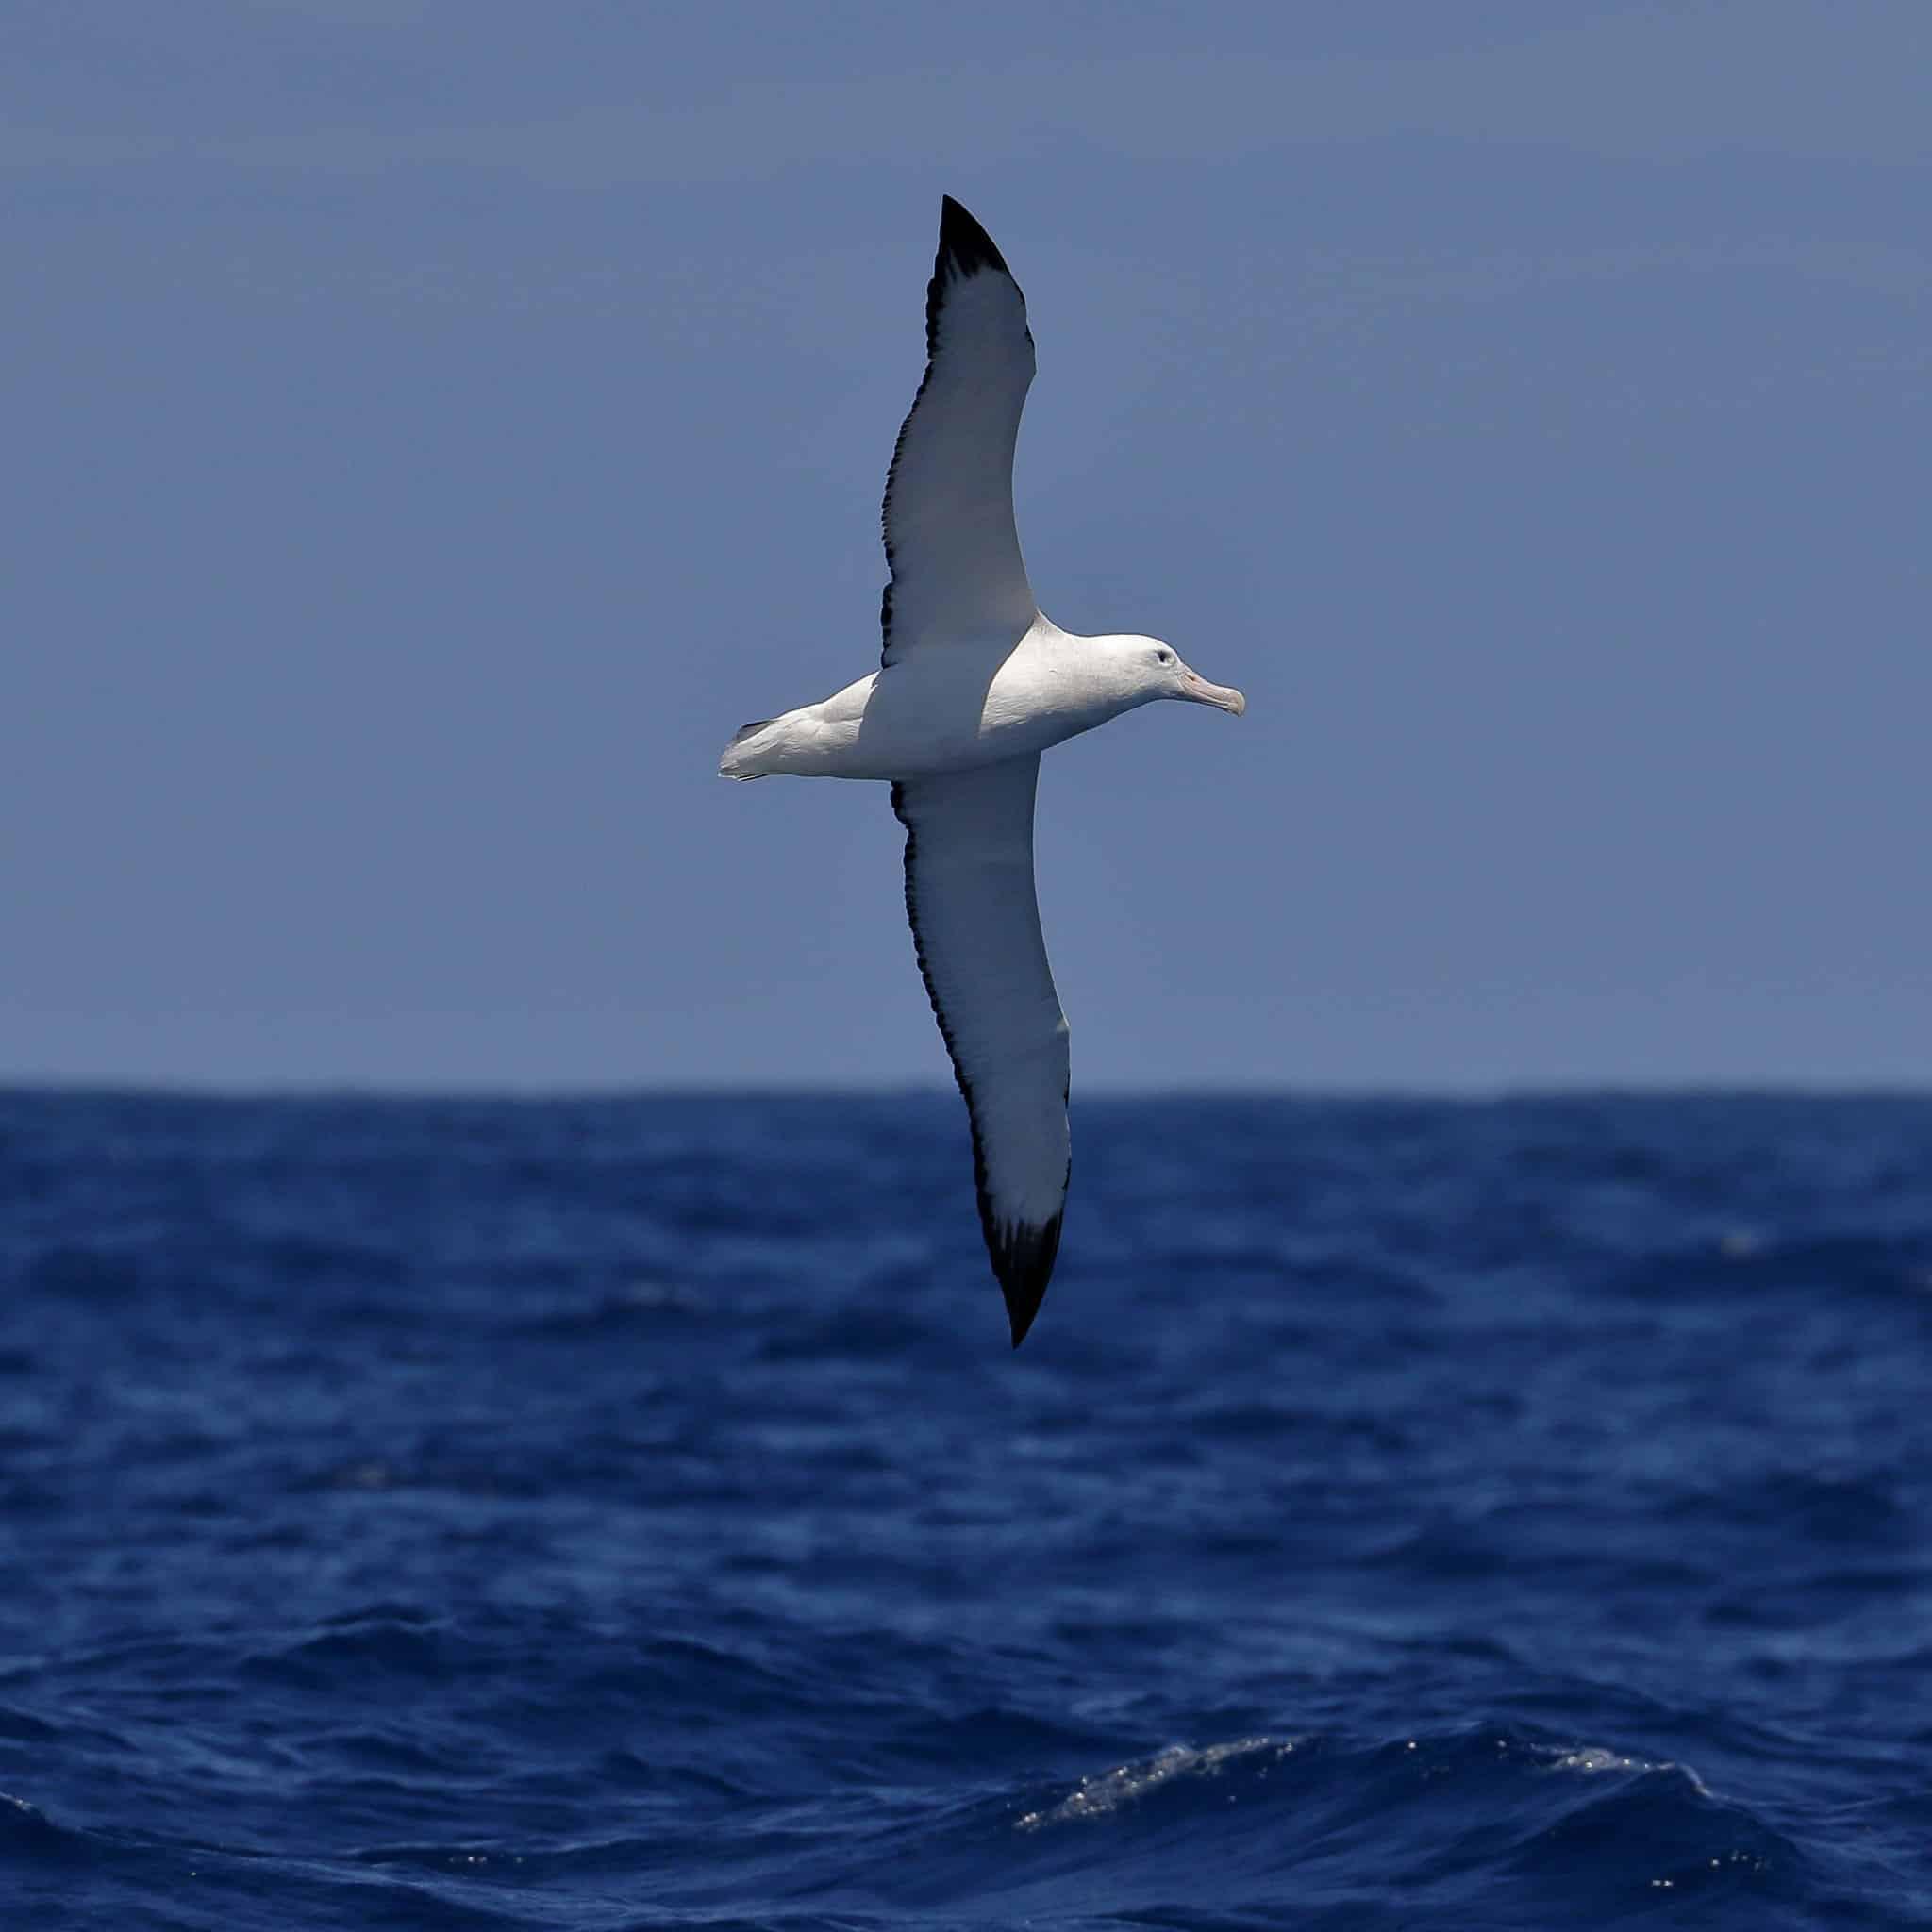 The wandering Albatross flies over the ocean